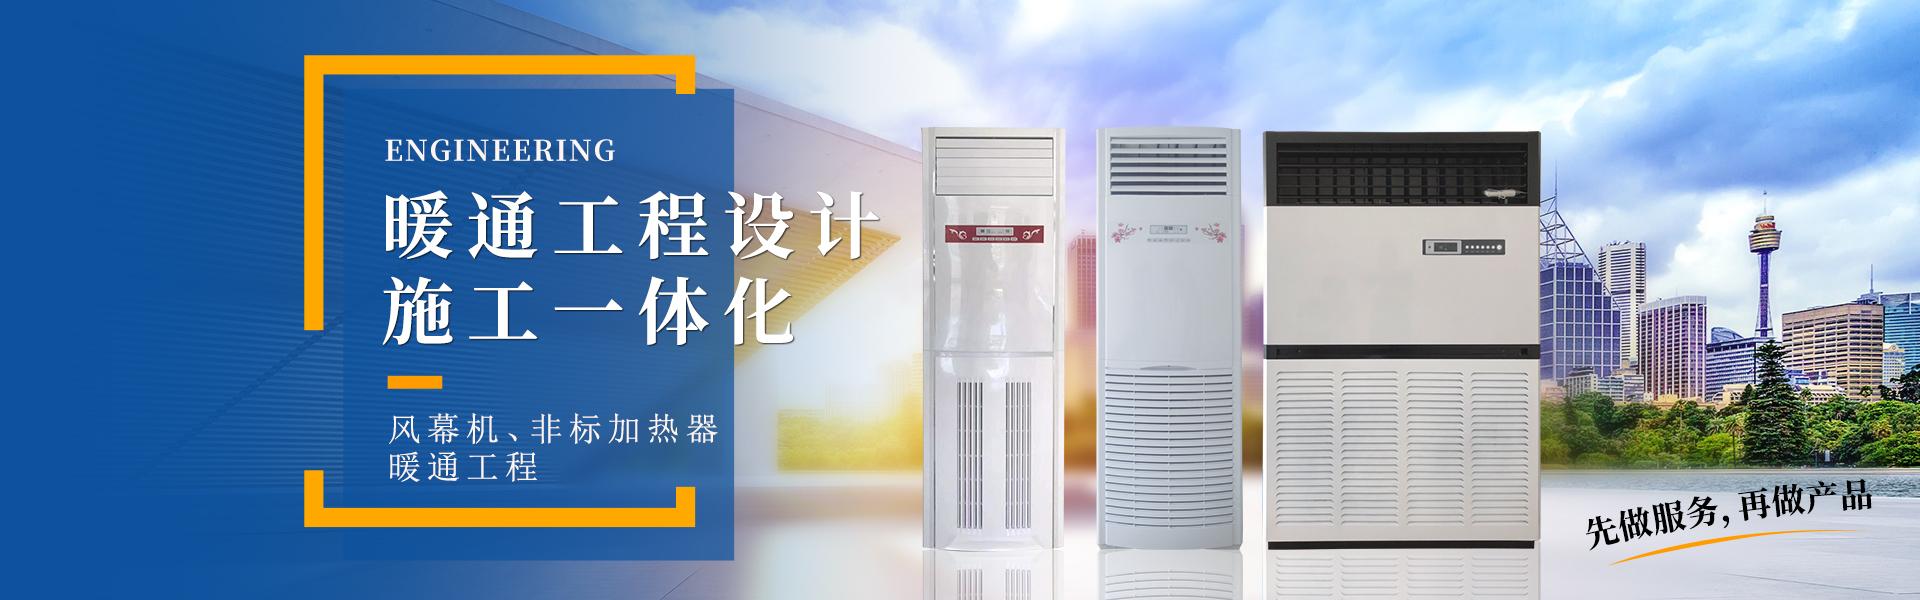 风幕机、非标加热器、暖通工程设计施工